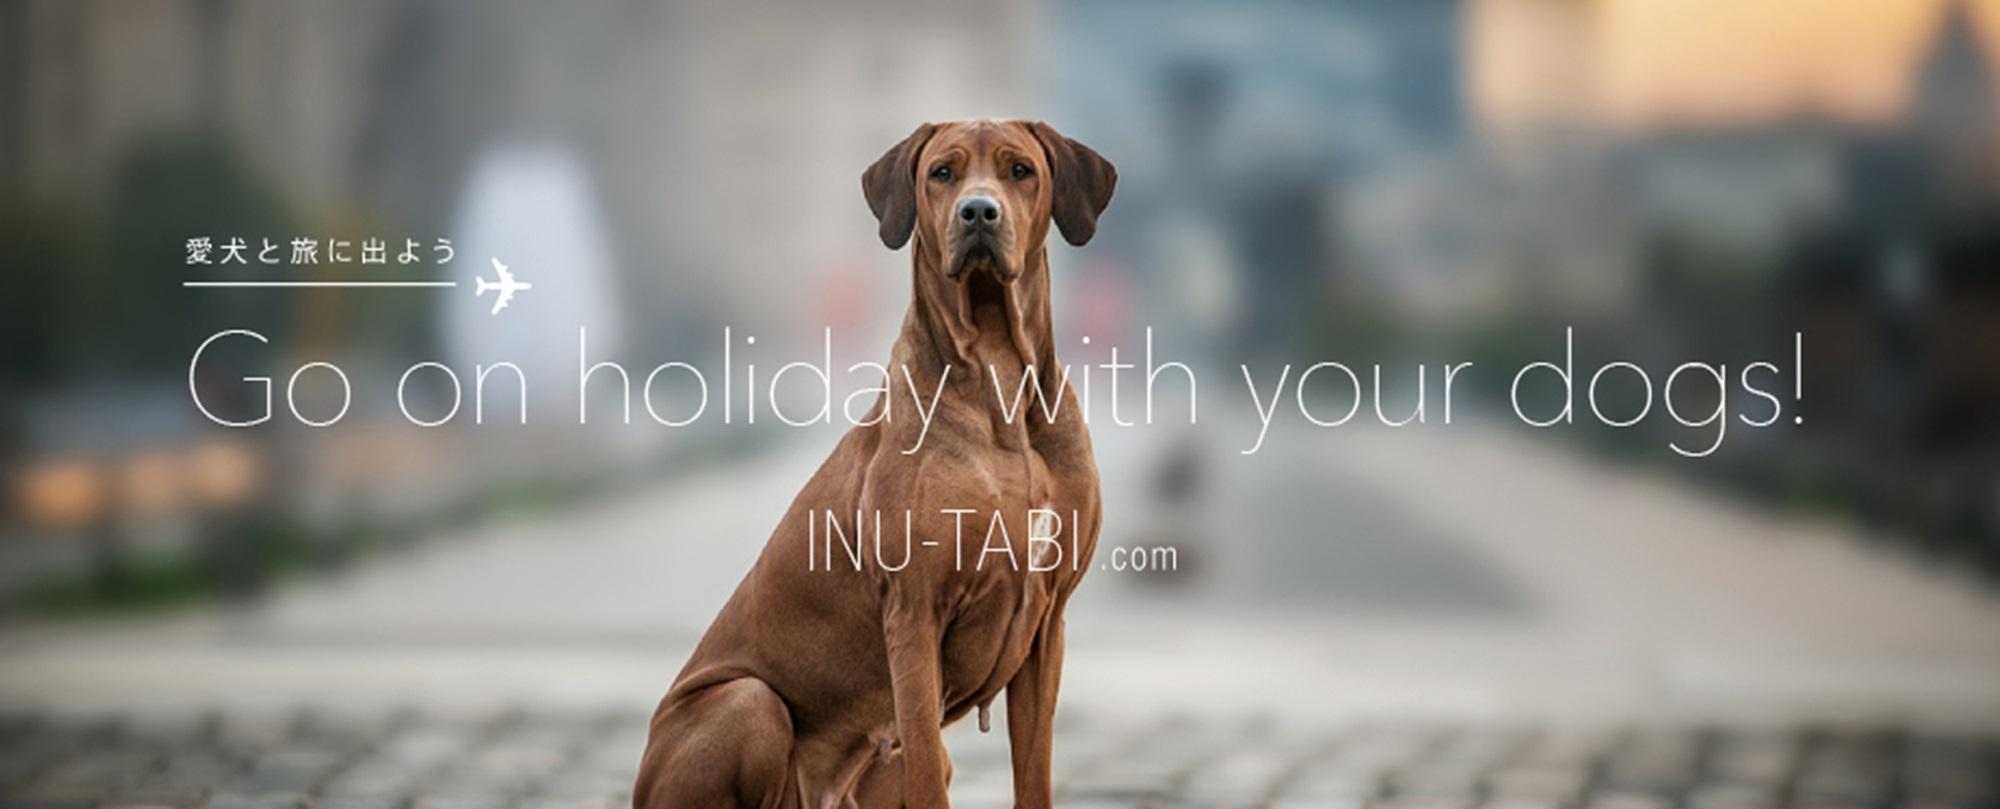 愛犬と旅に出よう inu-tabi.com